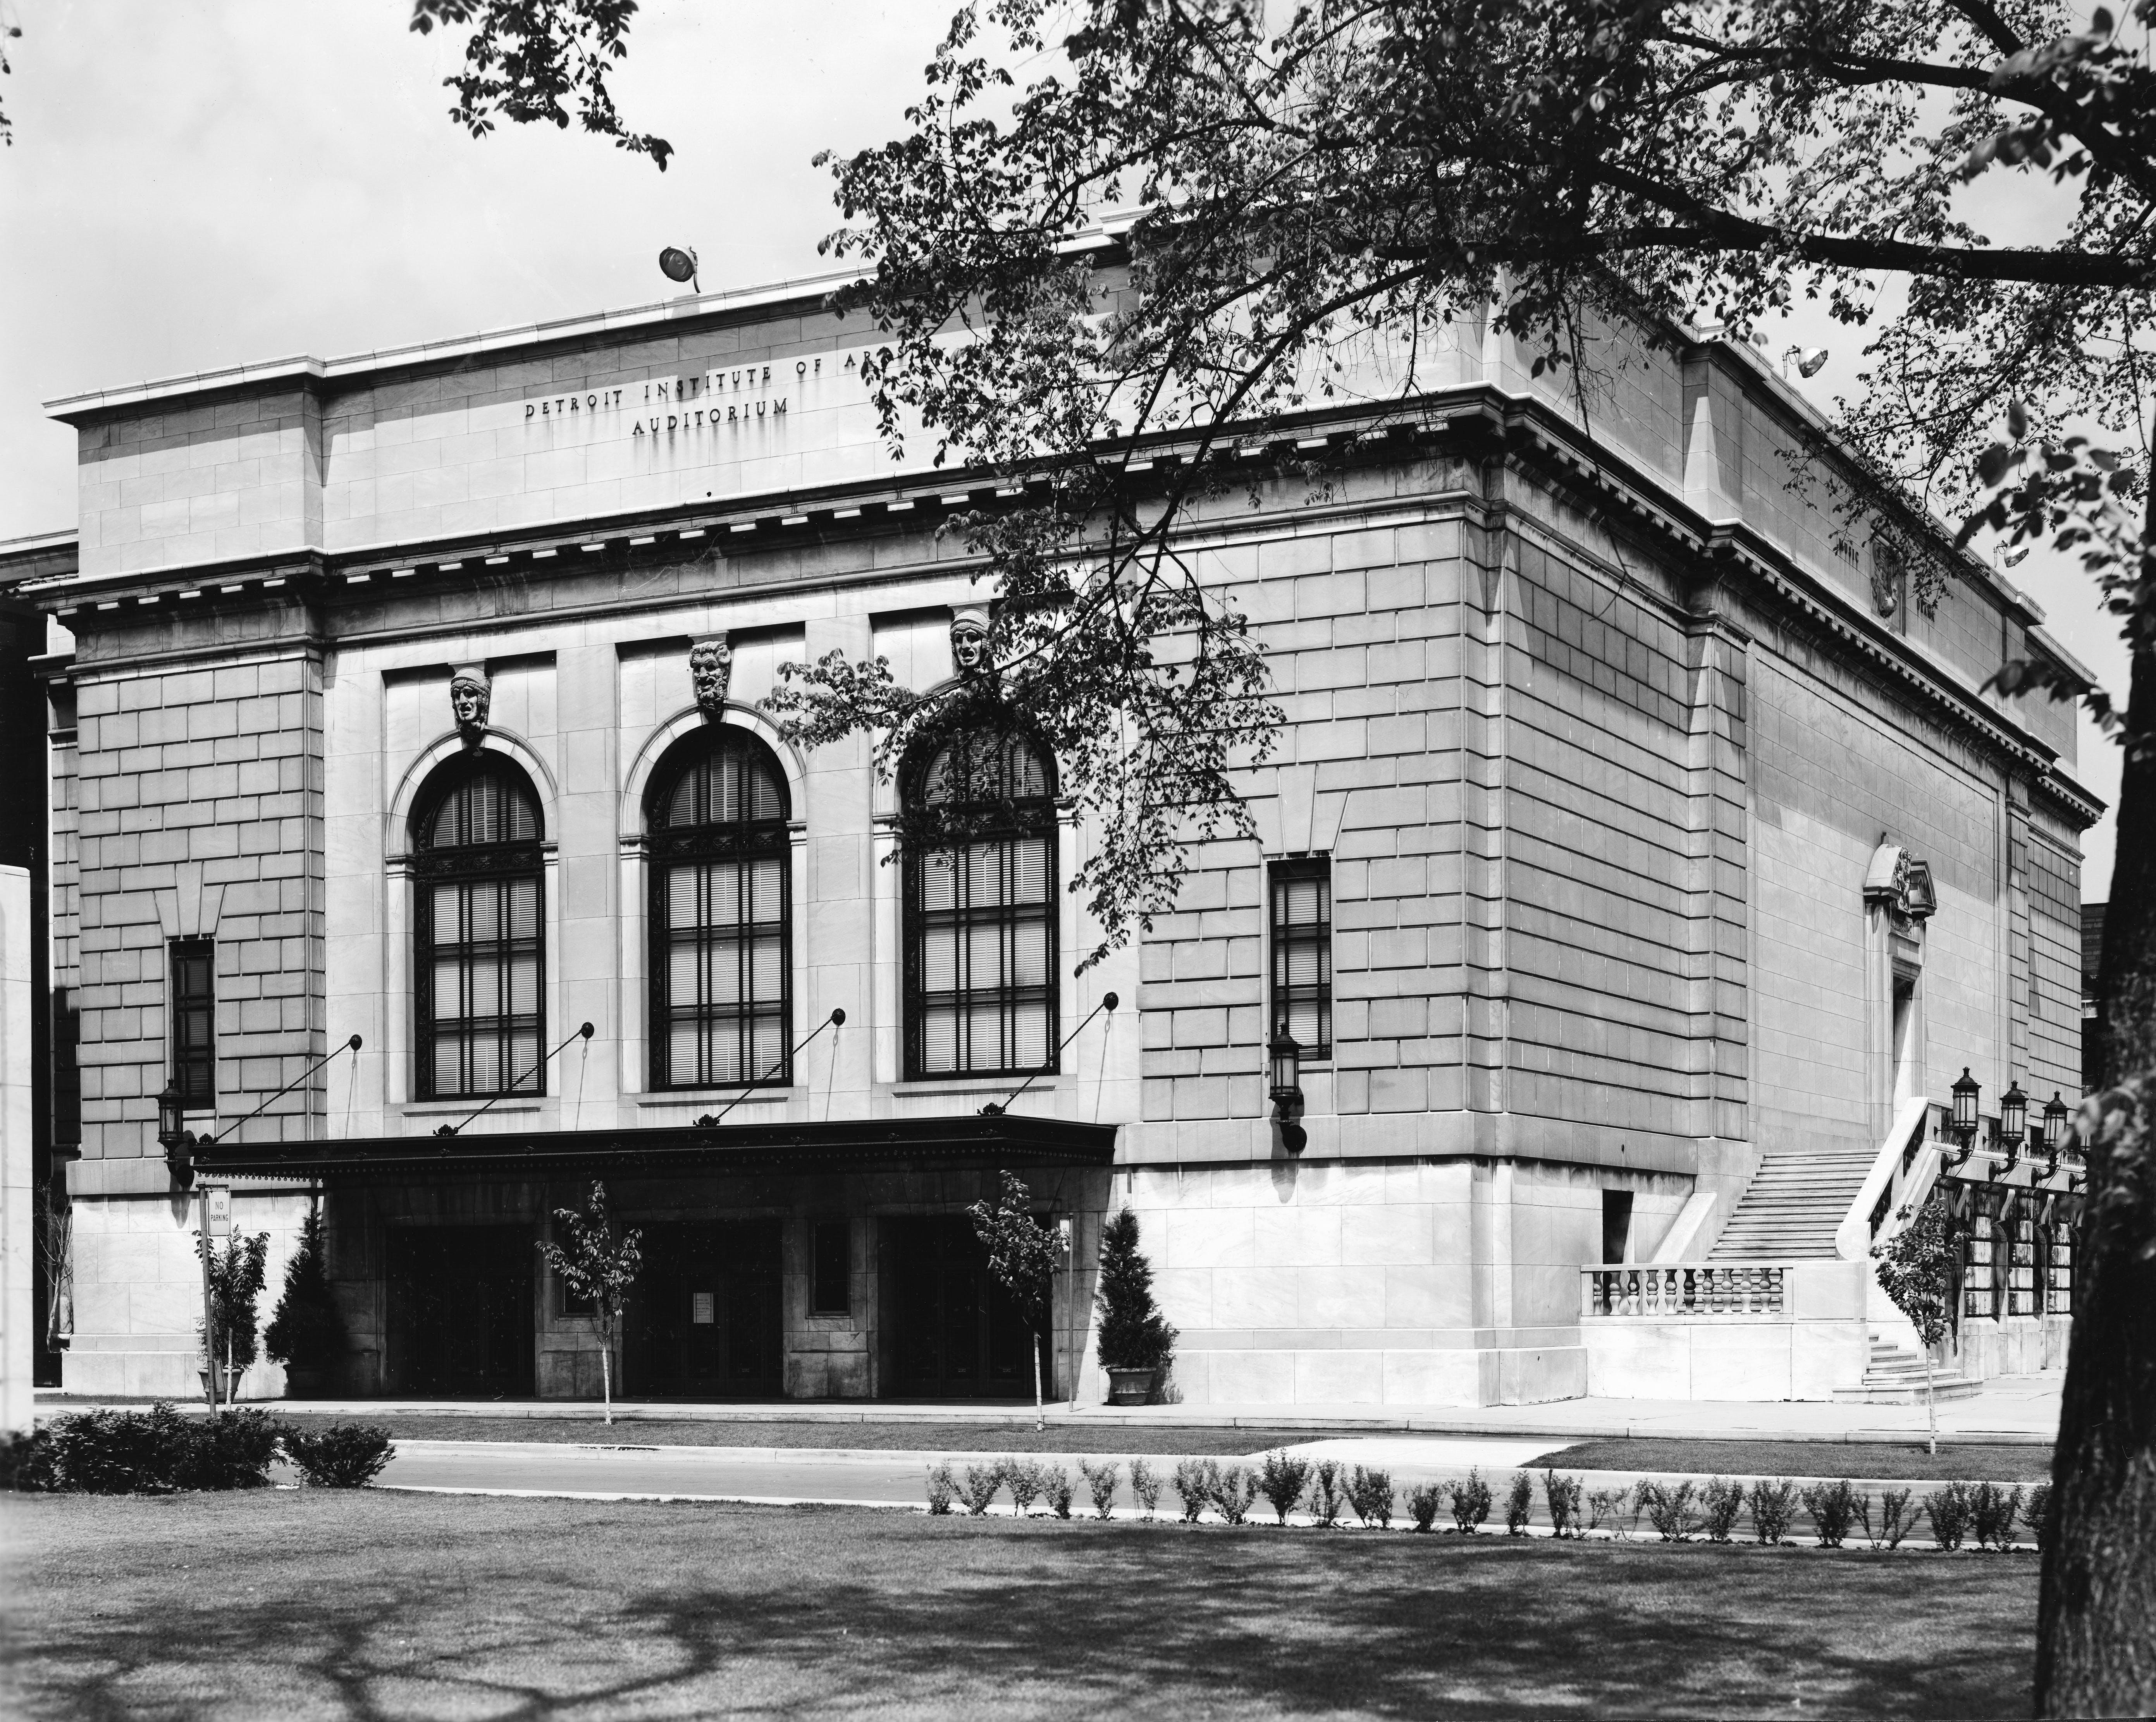 <p><em>The Detroit Institute of Arts Auditorium Circa 1967 (Present Home of The Detroit Film Theatre Series).</em></p>